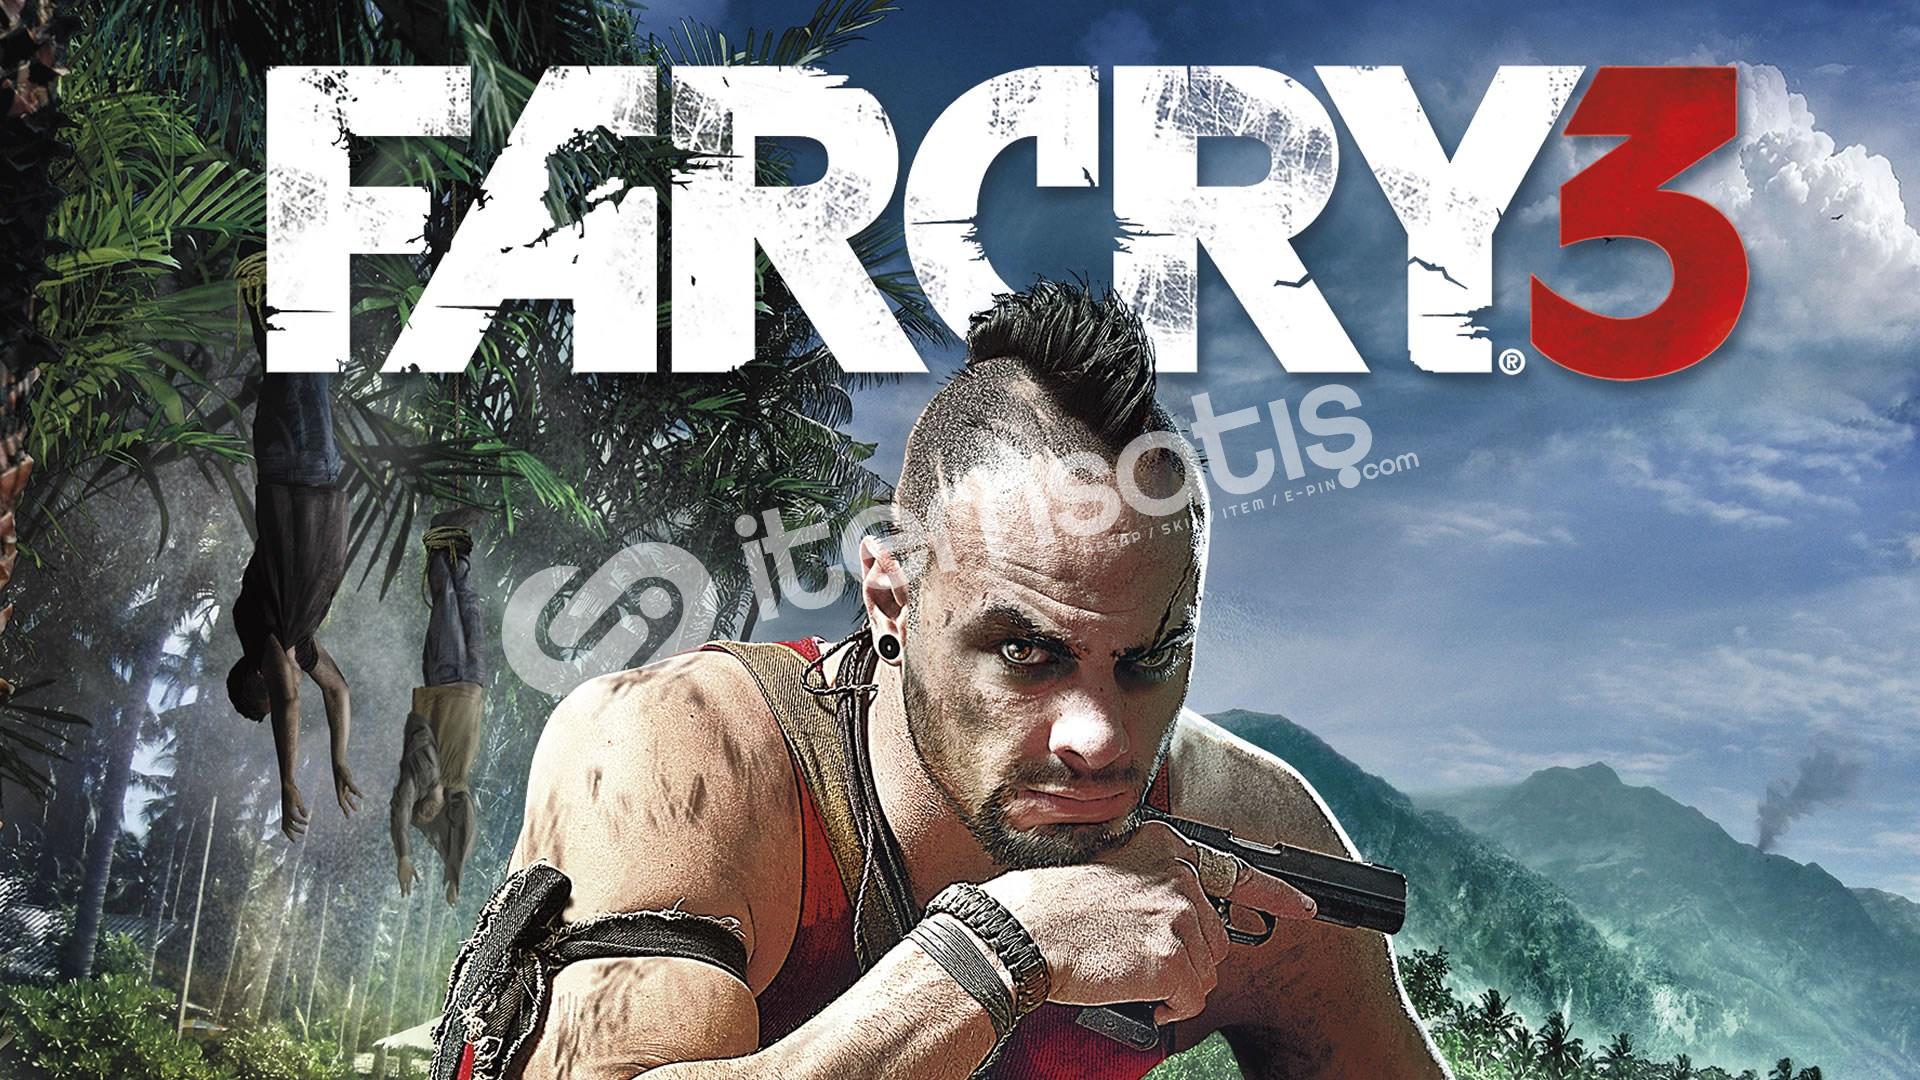 Far Cry 3 + HEDİYE + GARANTİ + GEFORCE NOW DESTEKLER